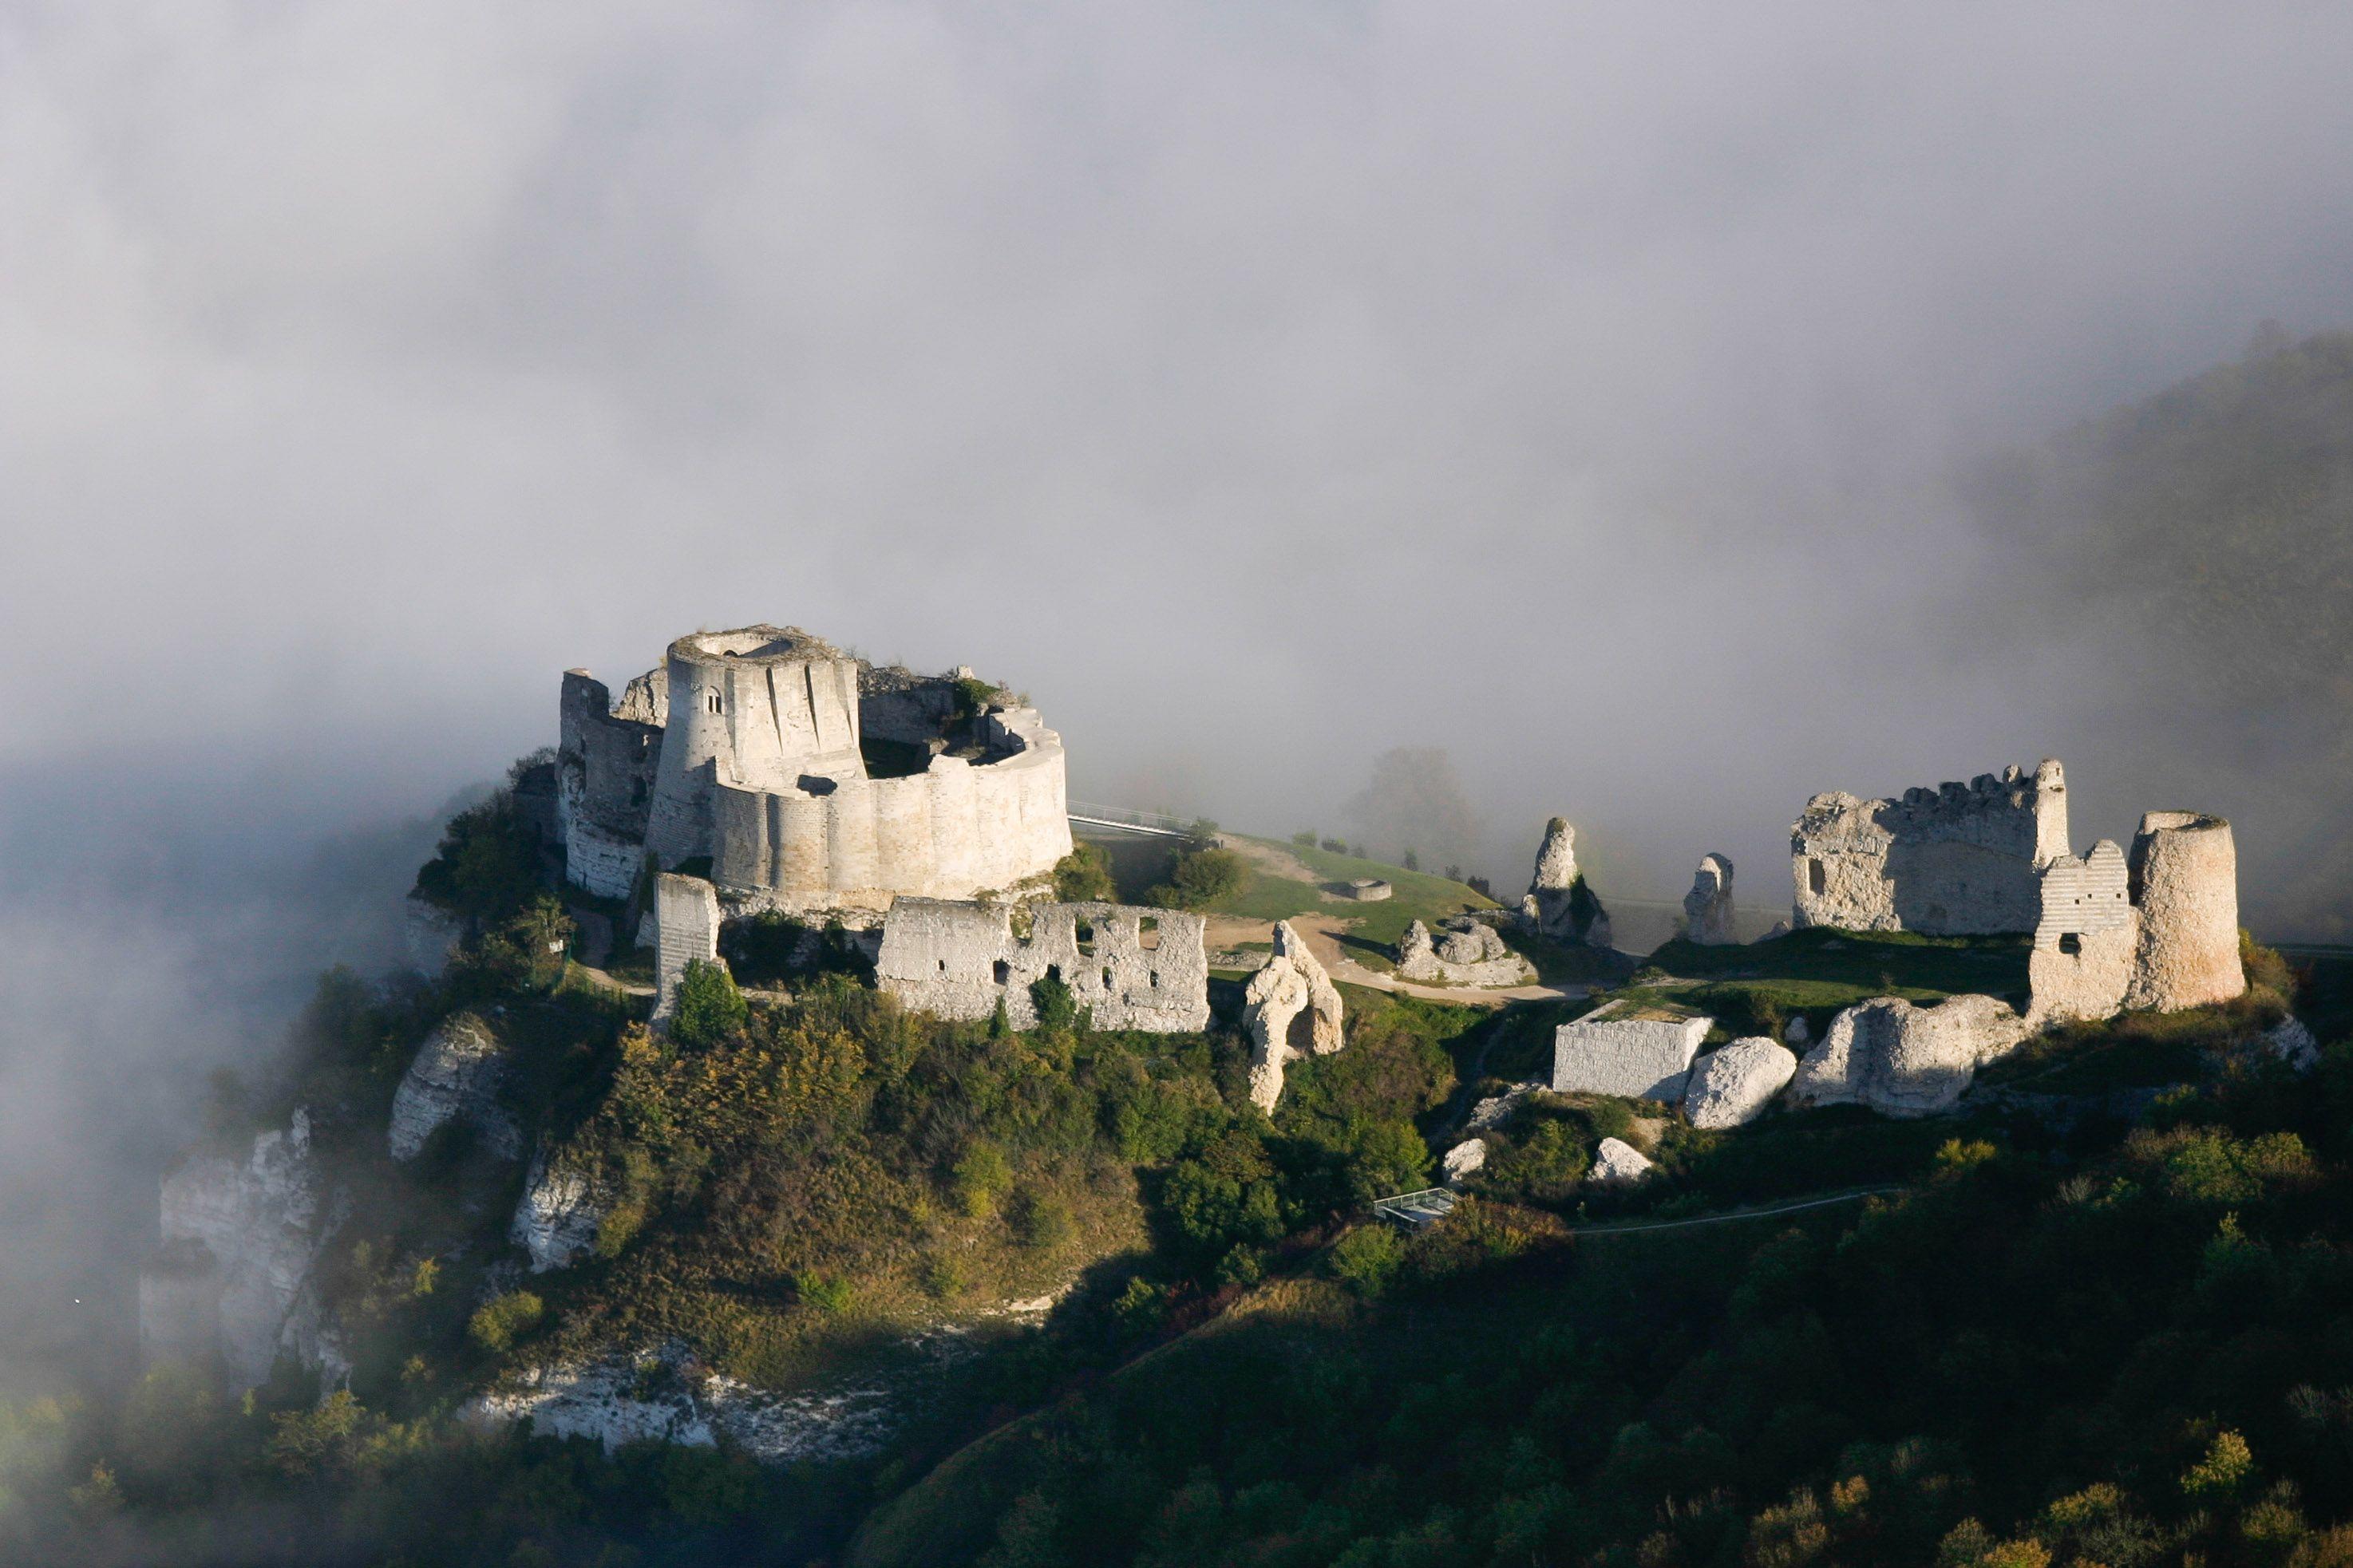 La forteresse de Château-Gaillard dans la brume, photo Francis ...